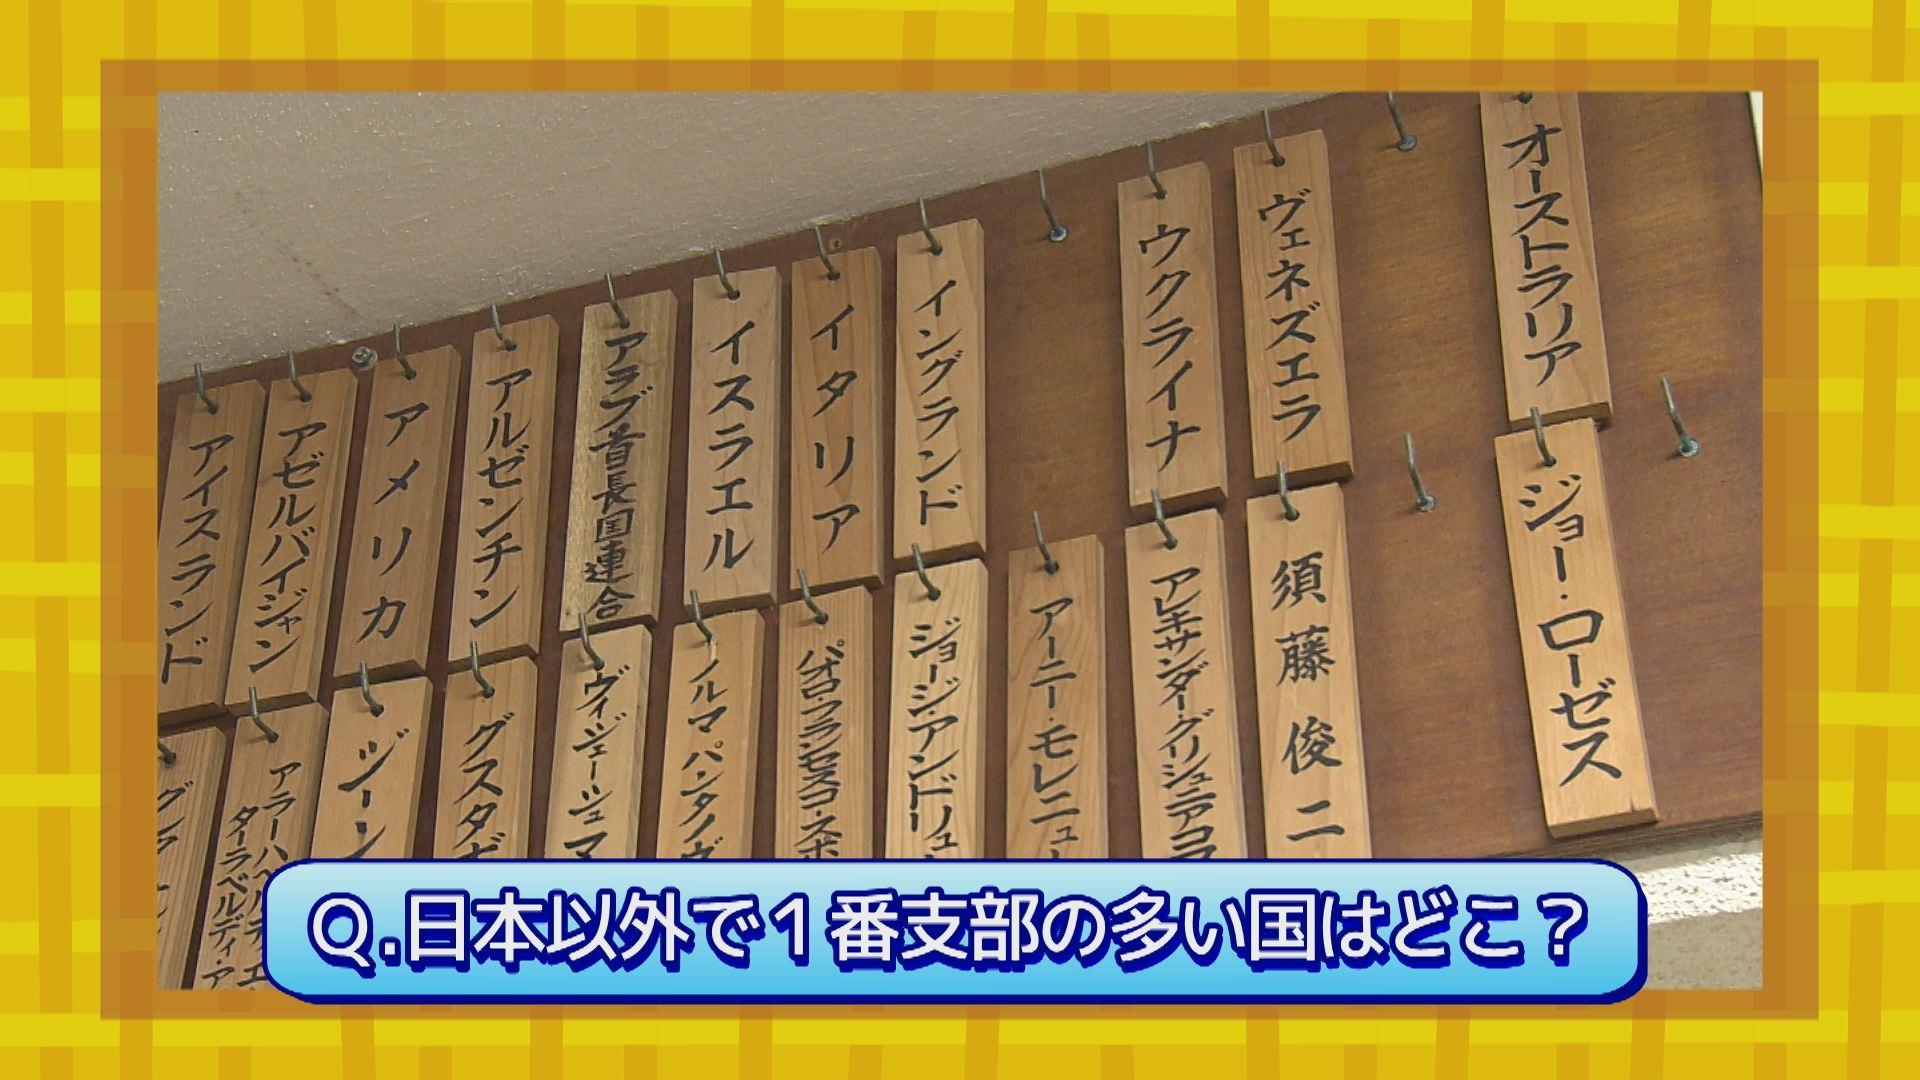 クイズウェルカムんちゅ第15回クイズ